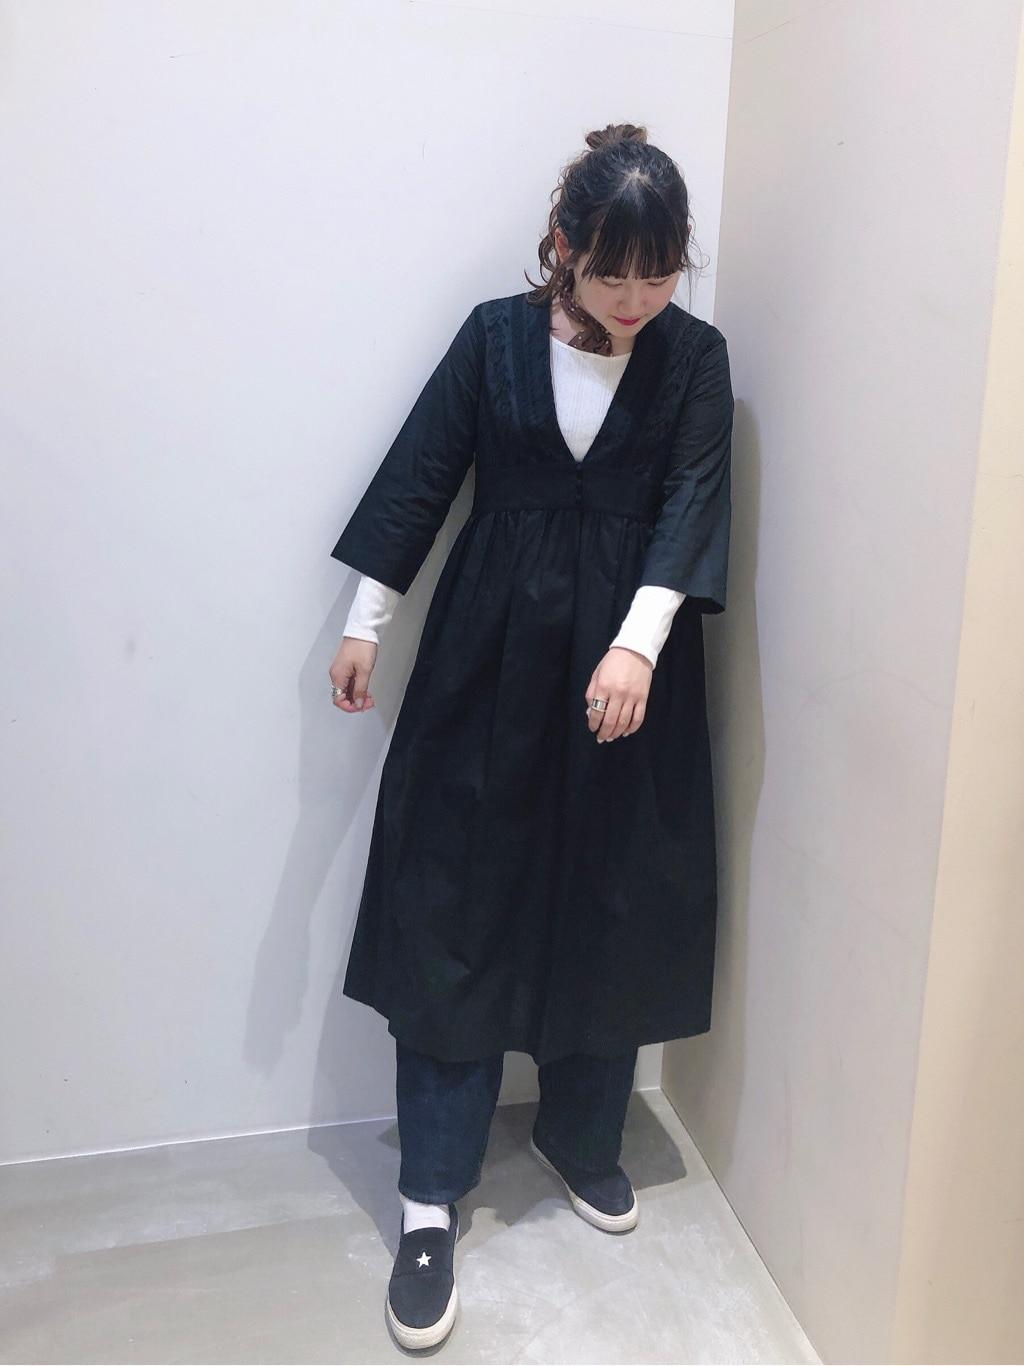 阪急西宮ガーデンズ 2020.03.16